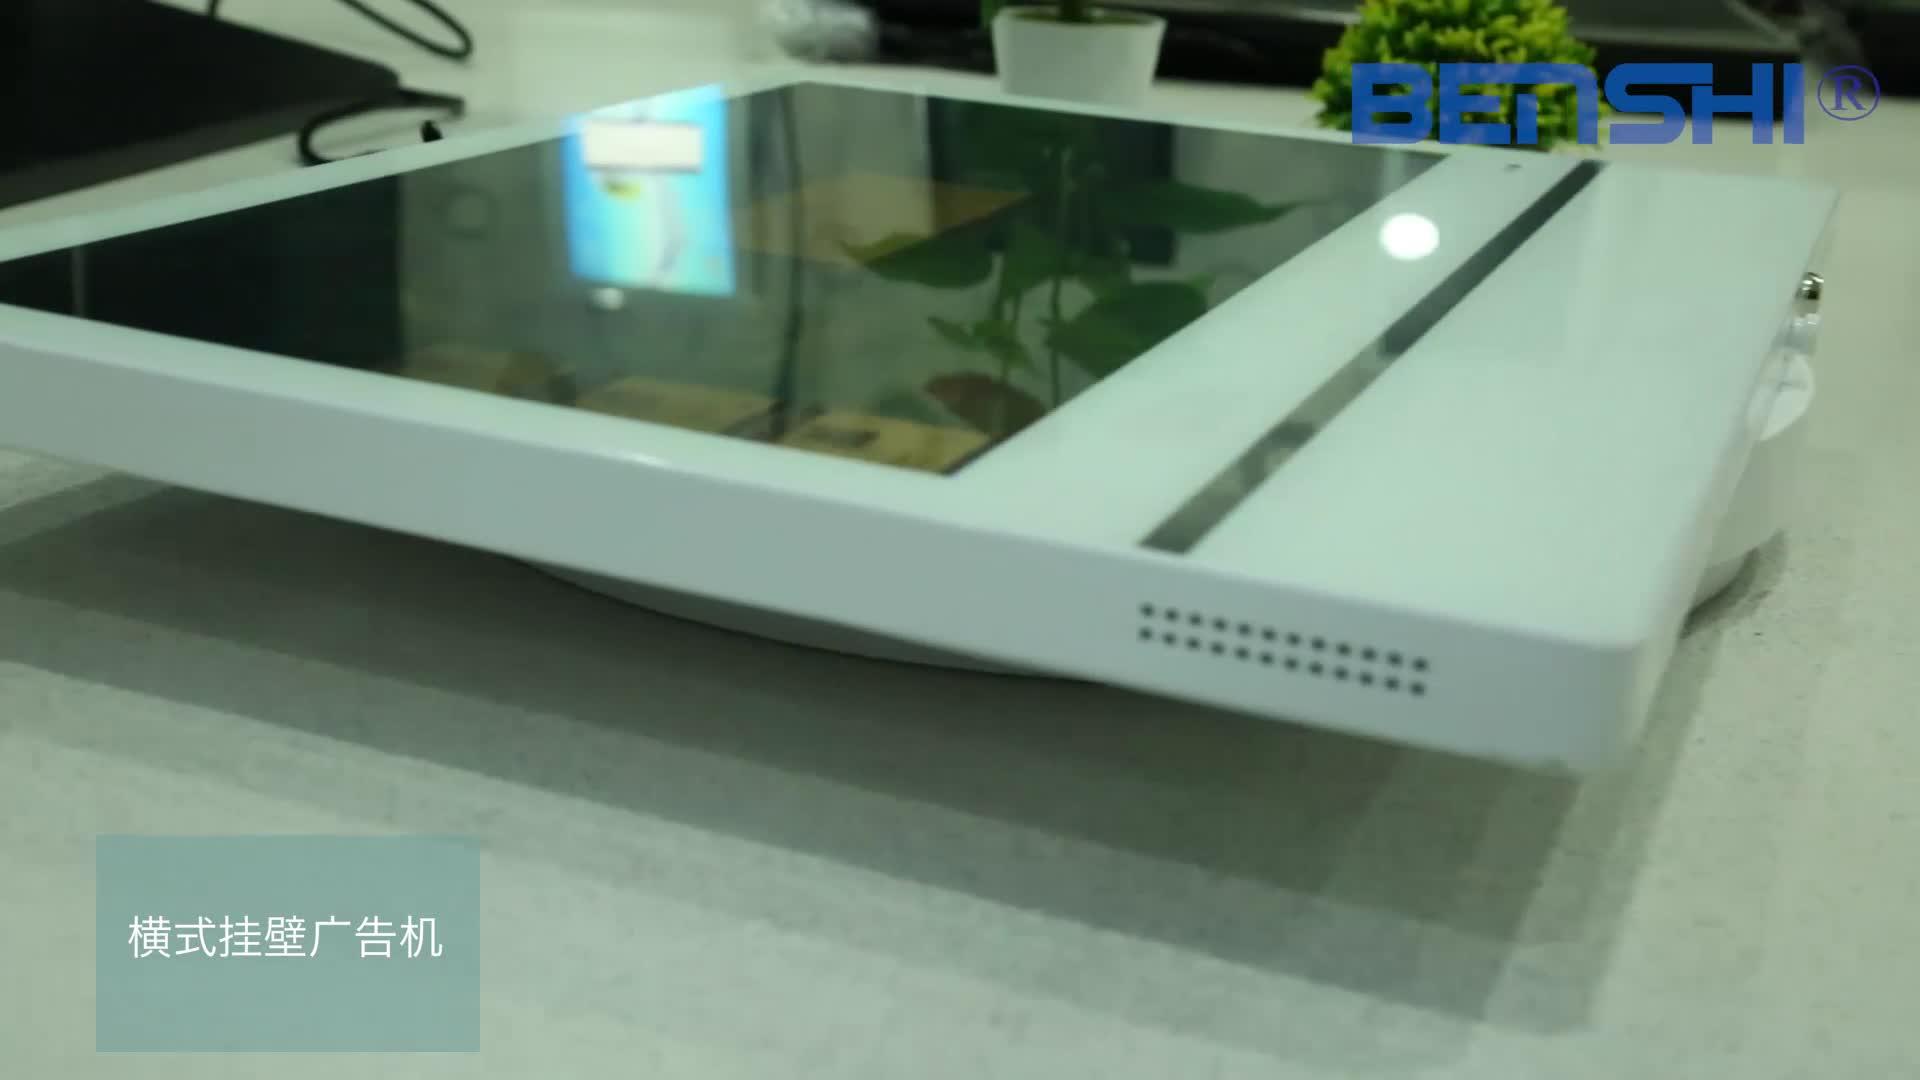 """18.5 """"Kecil Lift Digital Signage Jaringan LCD Display Layar Iklan"""